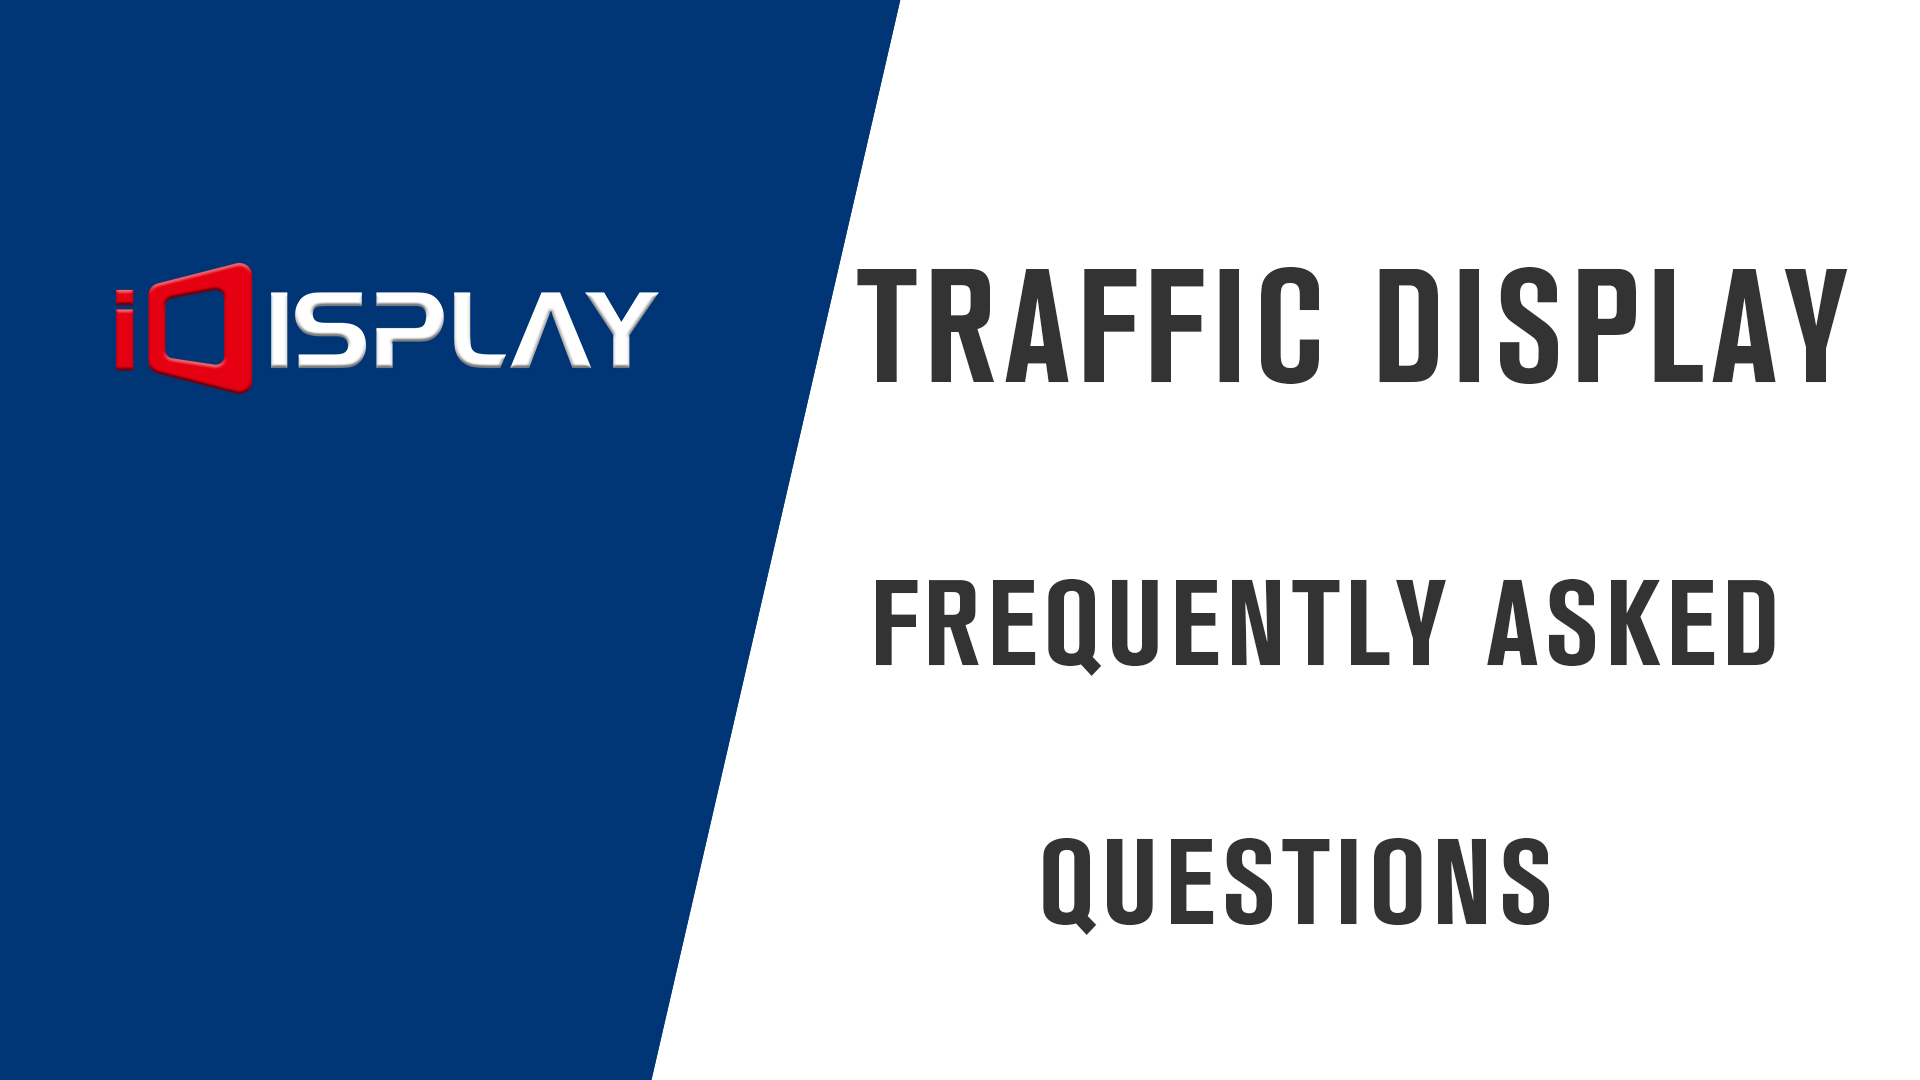 Preguntas frecuentes de la pantalla de tráfico LED